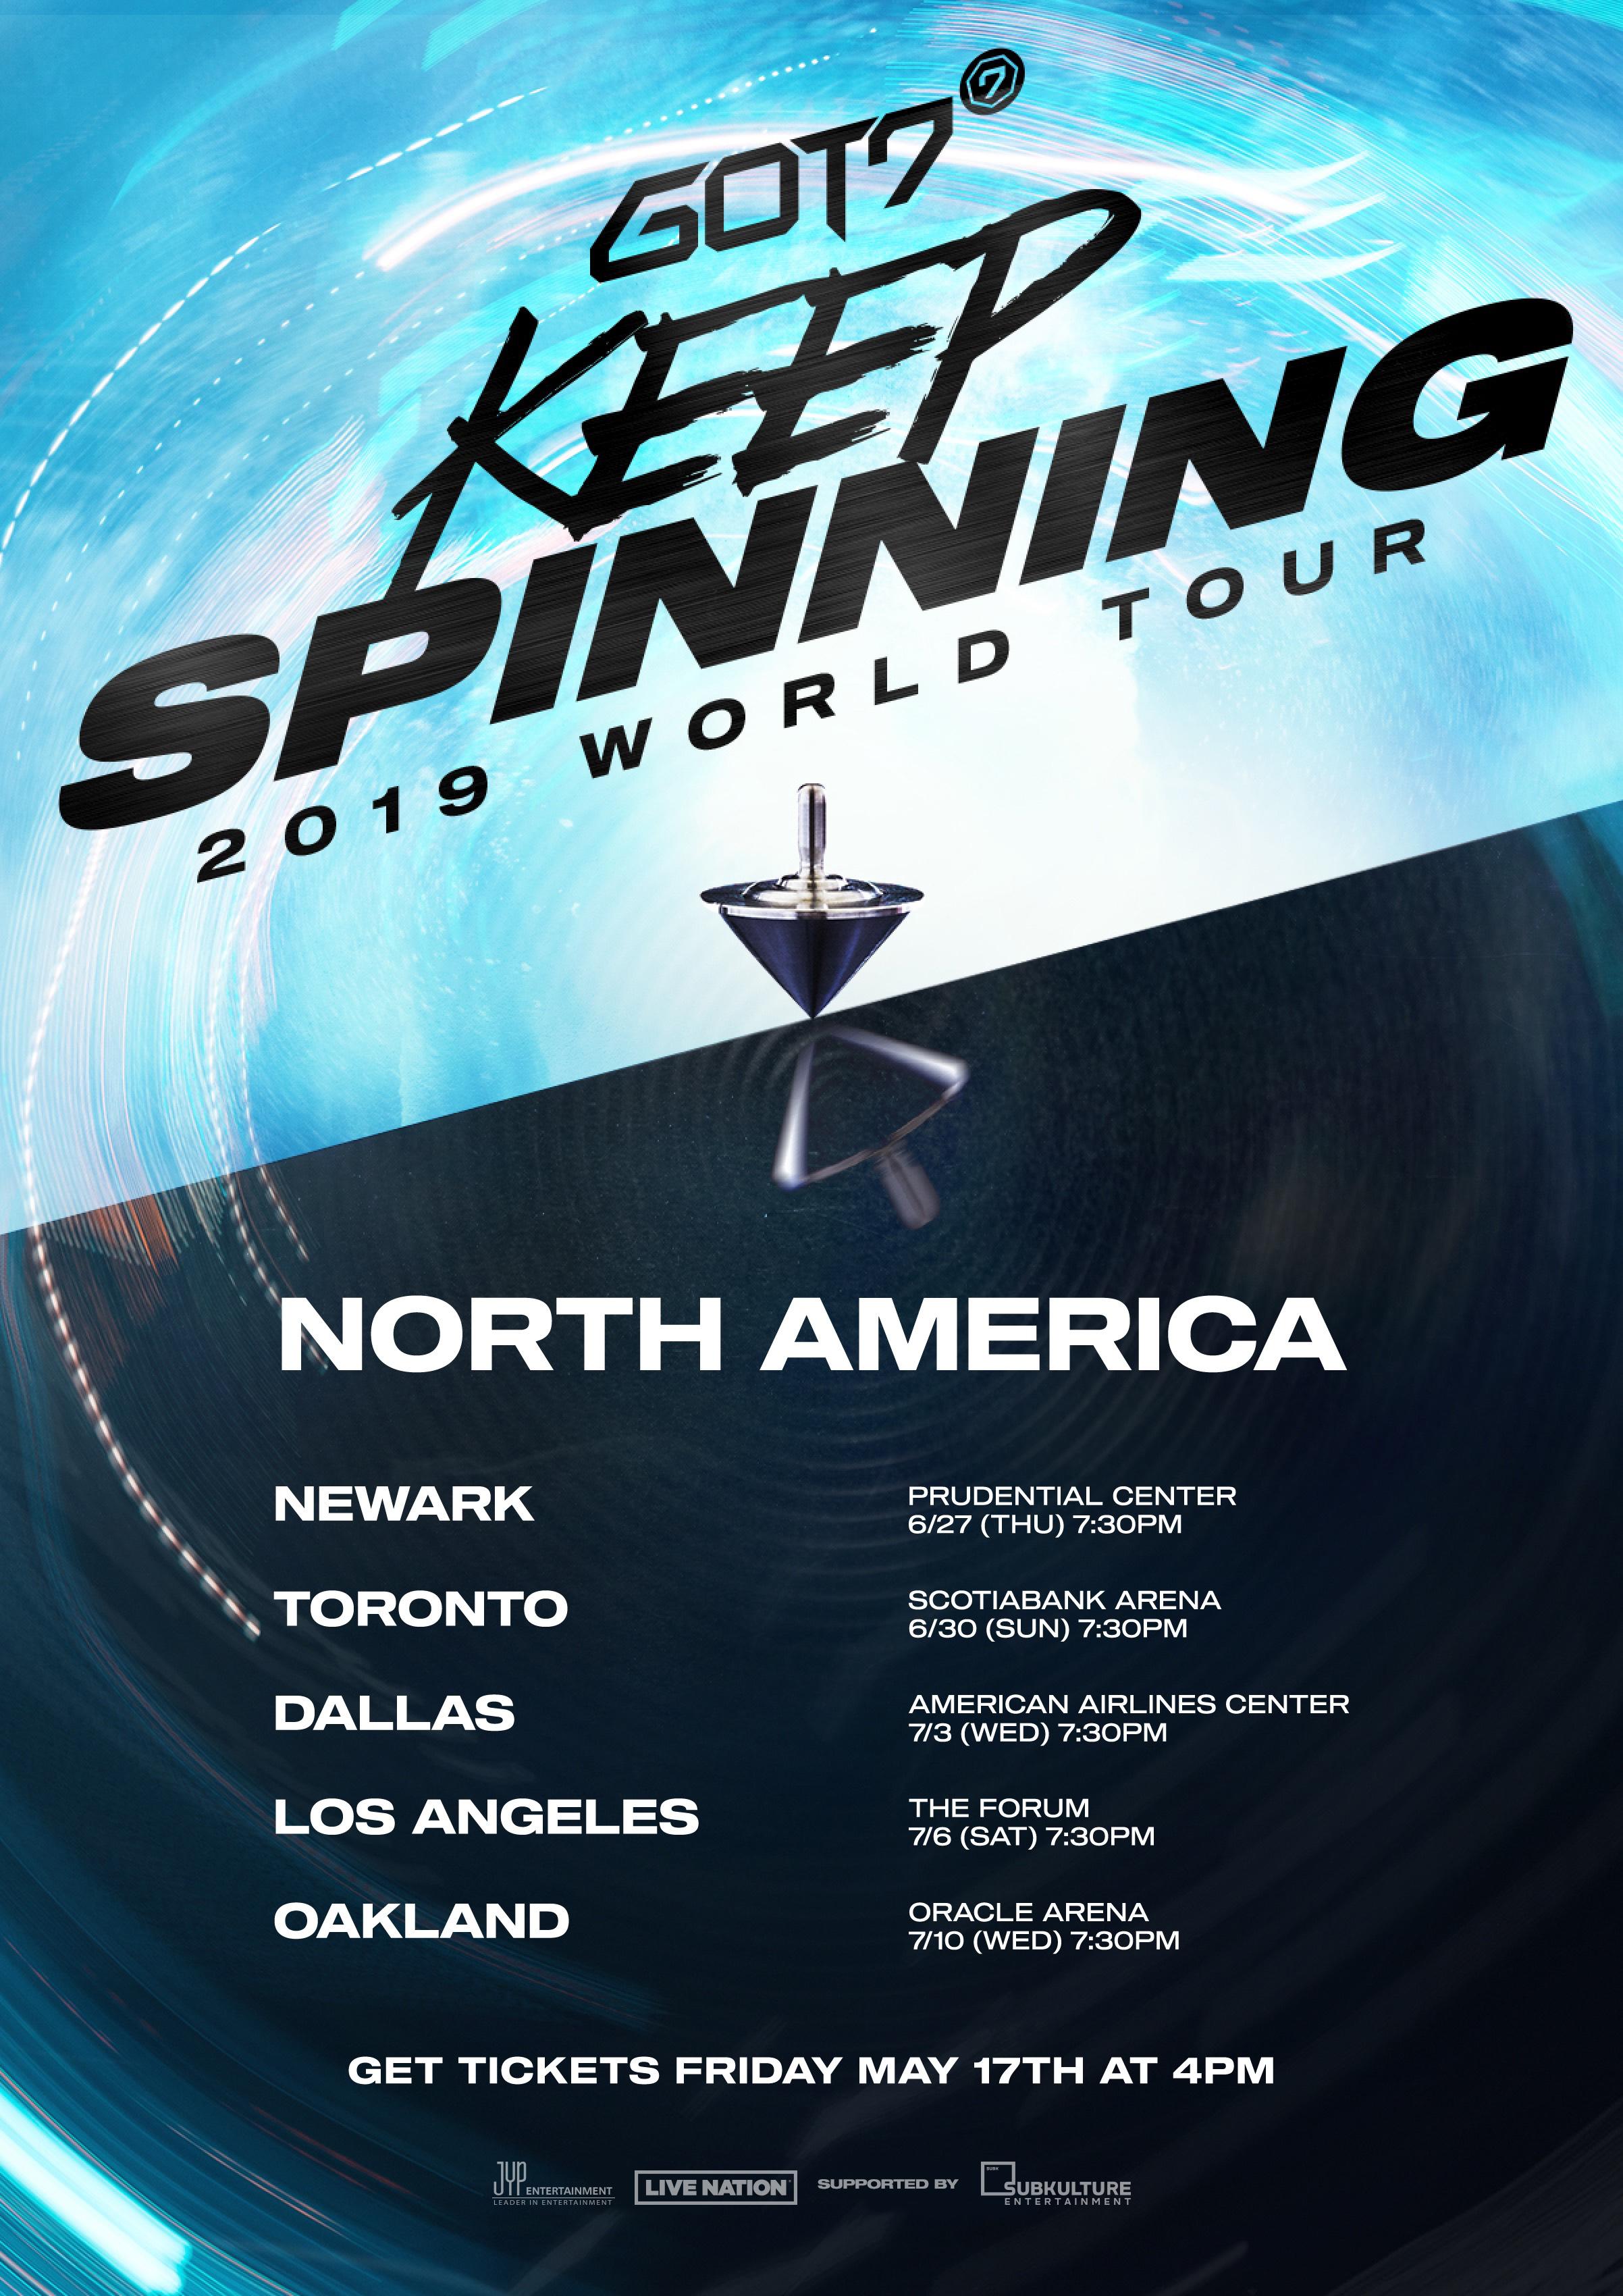 got7, got7 profile, got7 members, got7 facts, got7 age, got7 leader, got7 keep spinning, keep spinning, got7 ticket, got7 world tour, world tour